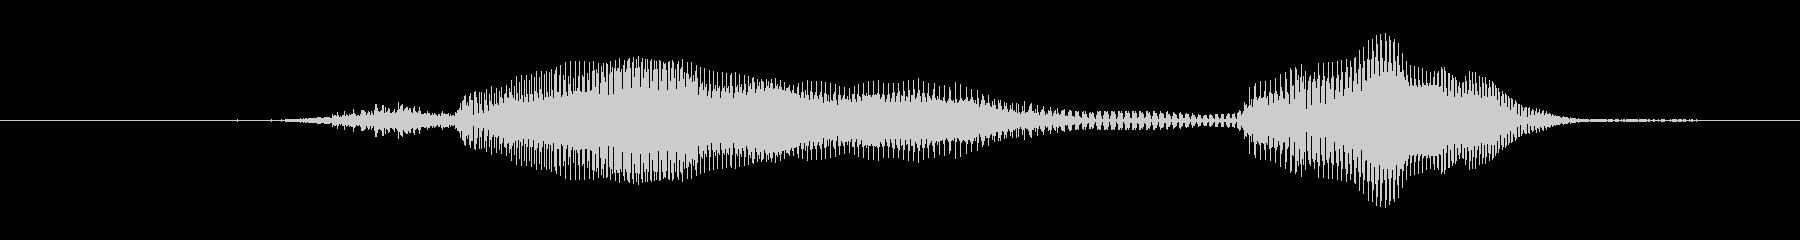 せーの!の未再生の波形